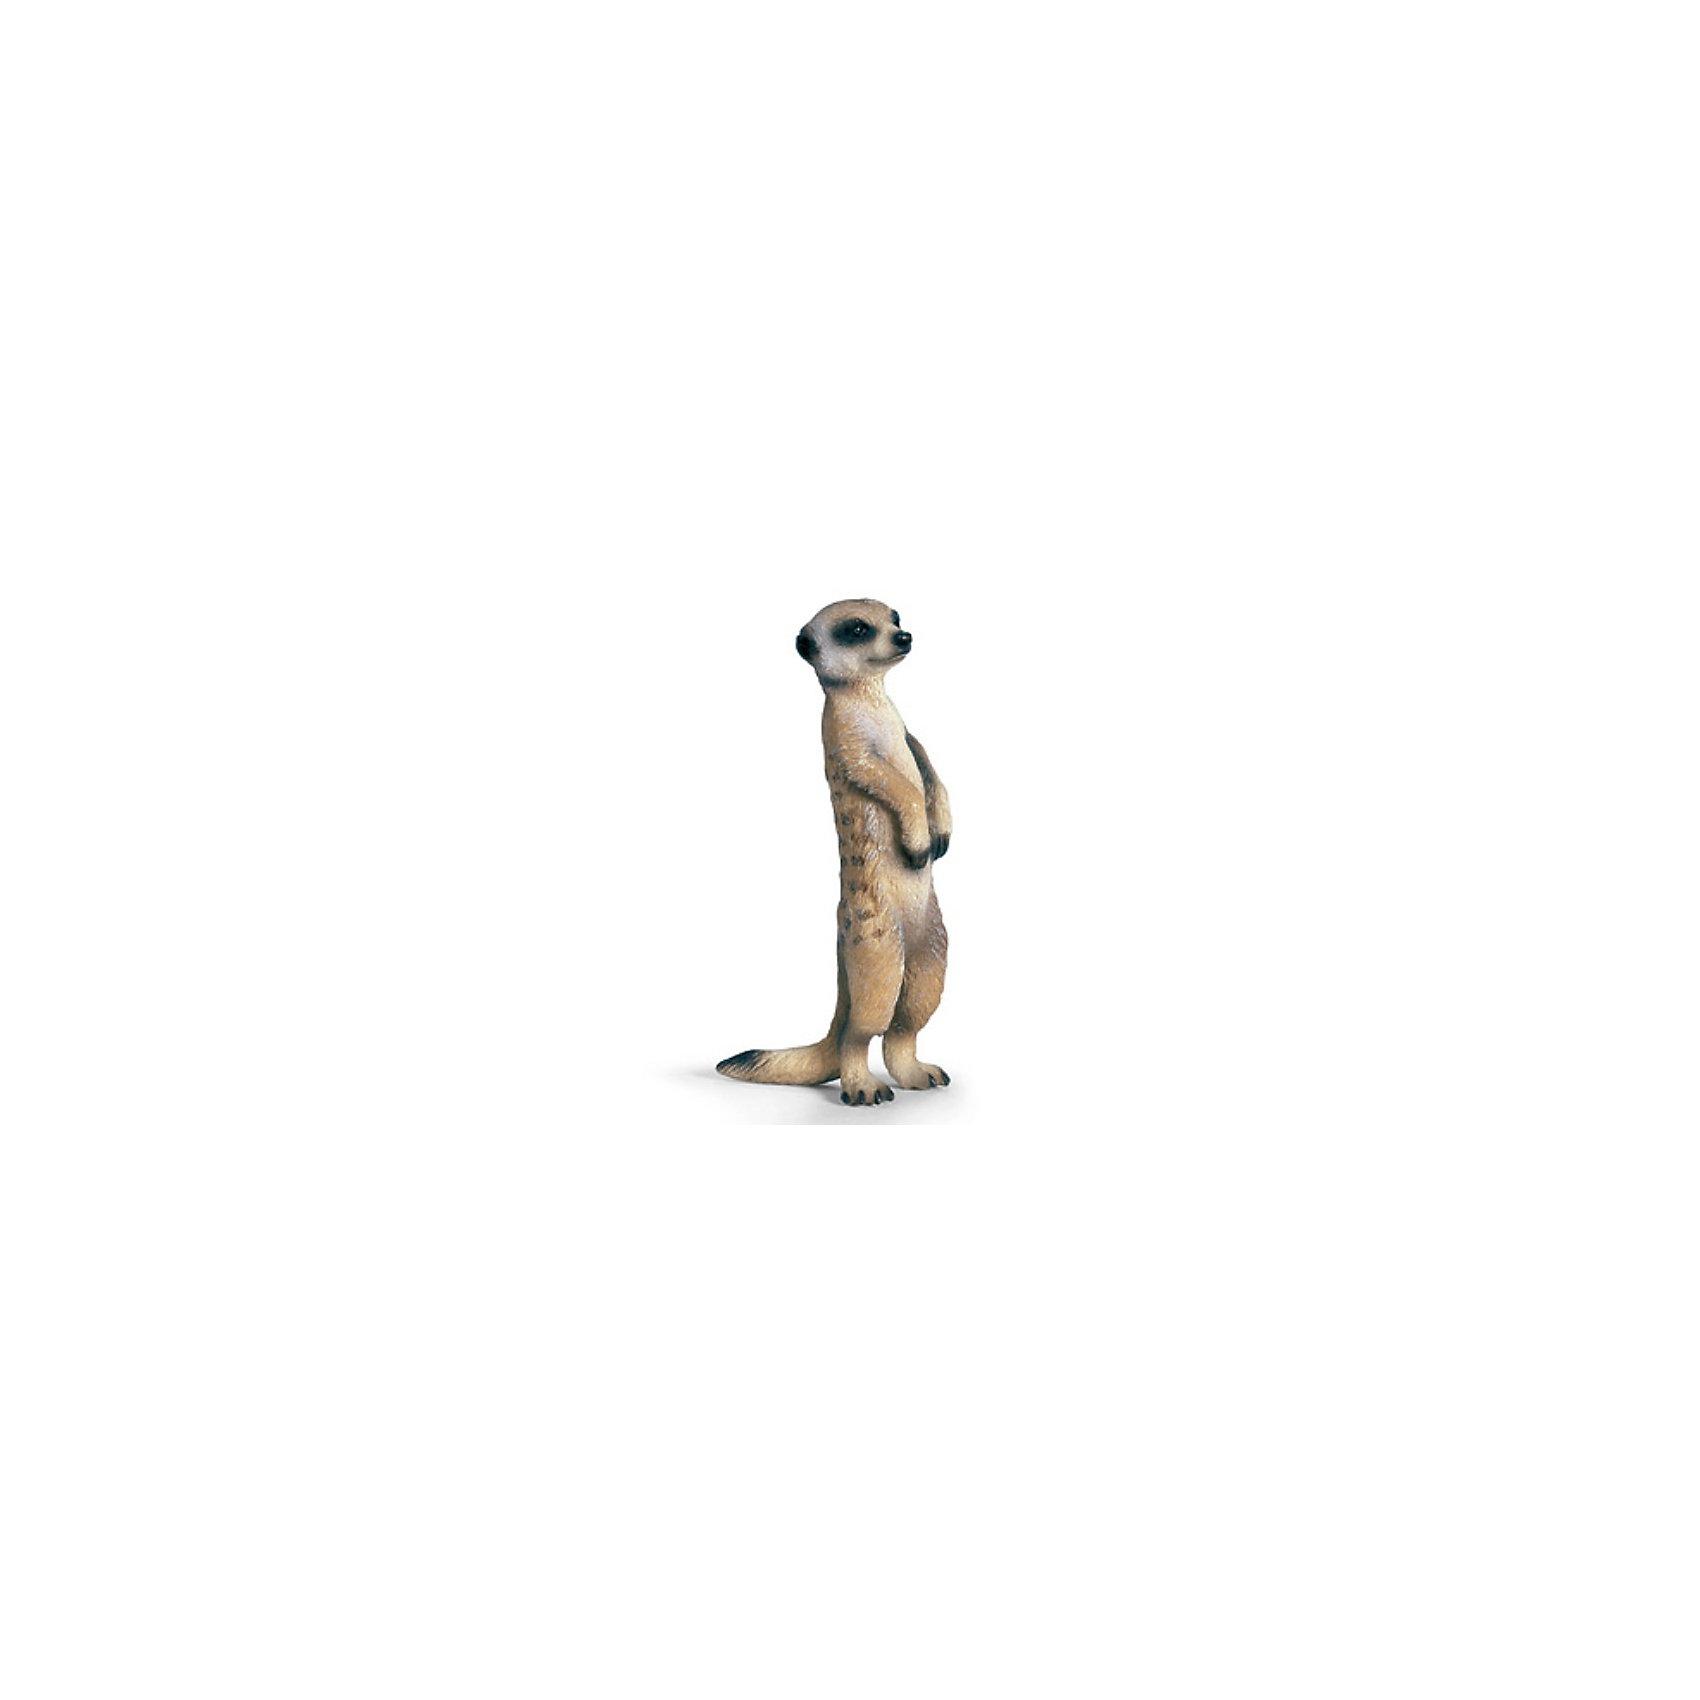 Schleich Schleich Суриката, стоячая. Серия Дикие животные schleich schleich кенгуру серия дикие животные